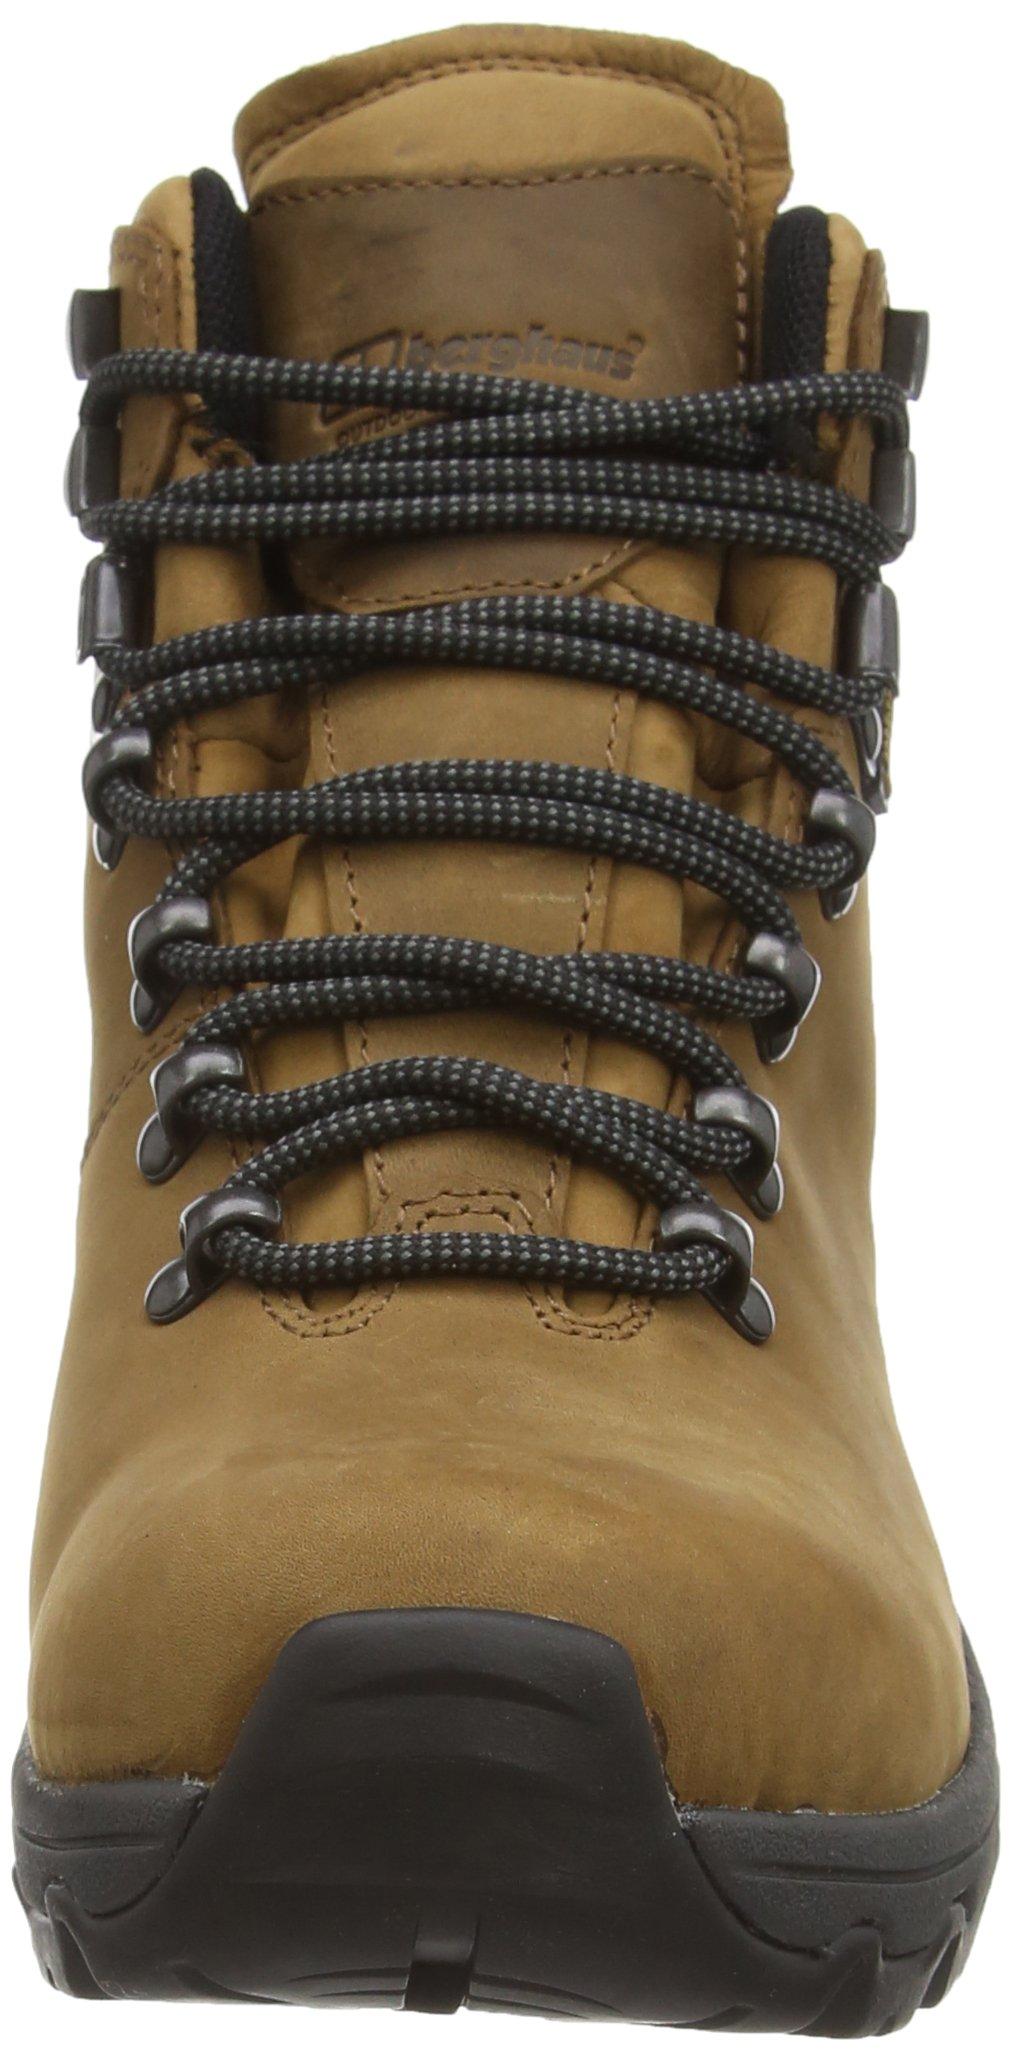 Berghaus Women's Fellmaster Gore-Tex Walking Boots 4